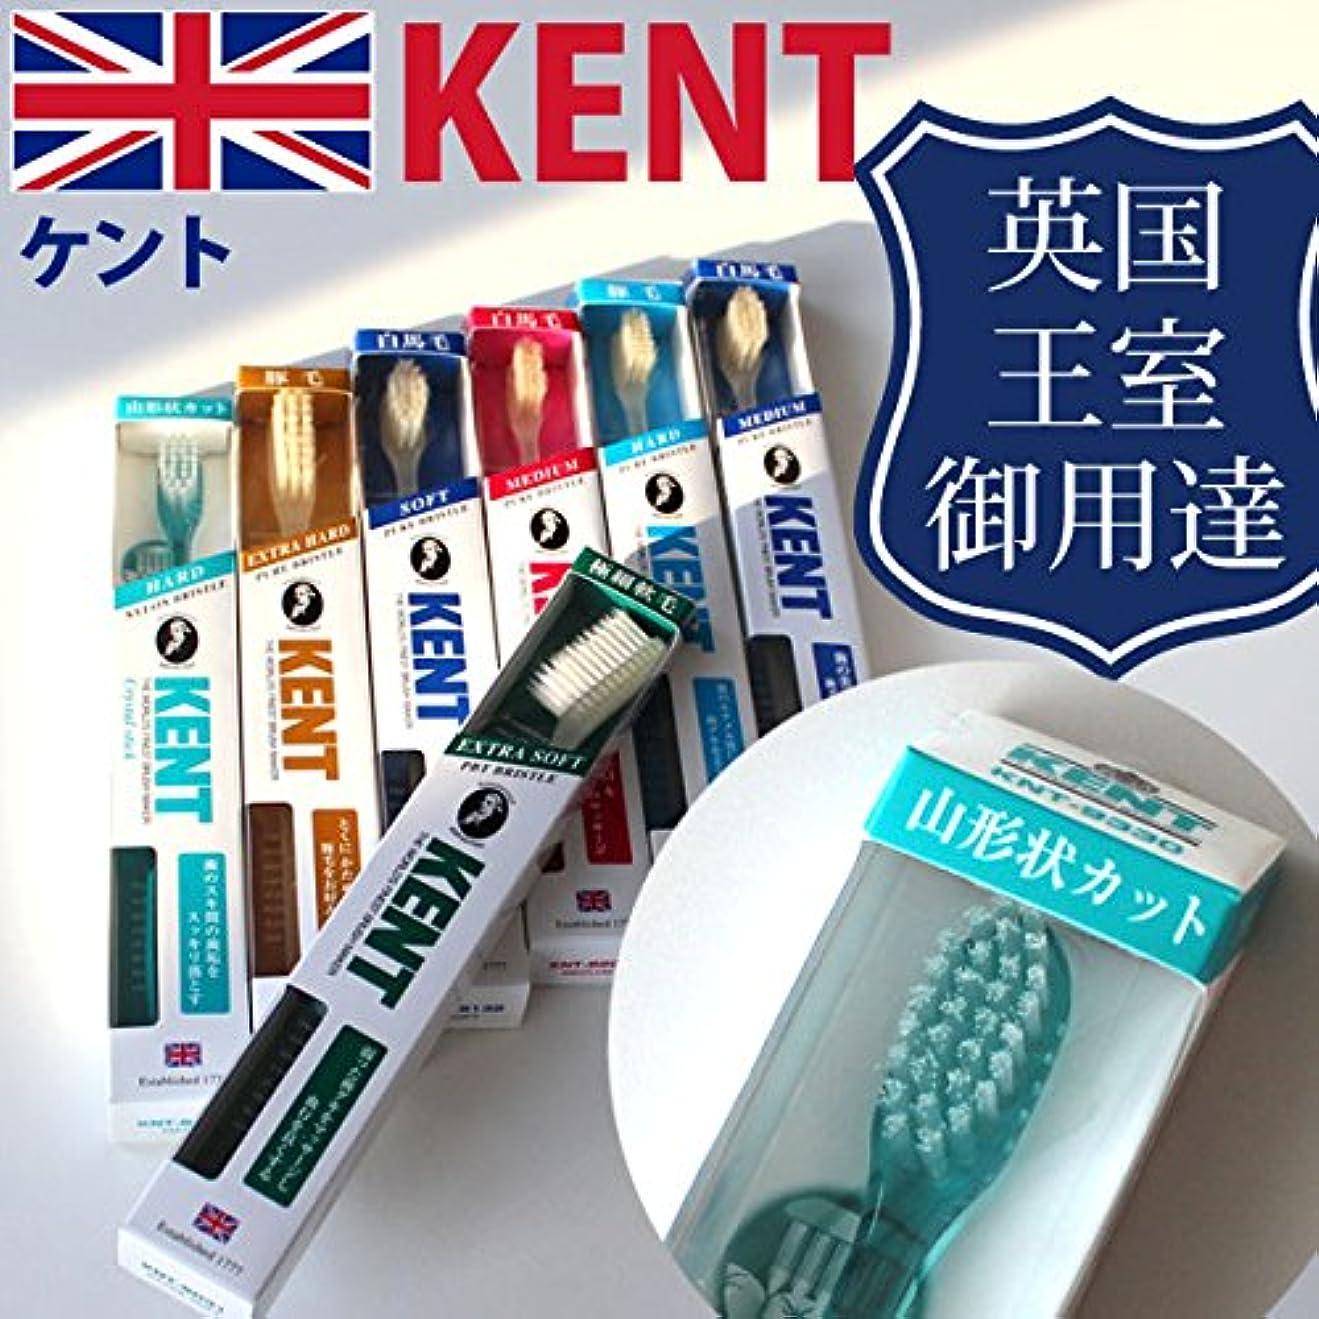 申し立て浴室衝突コースケント KENT クリスタルステック 歯ブラシKNT-9230/9330 6本入り 山形状カットが歯と歯の間にぴったり ふつう